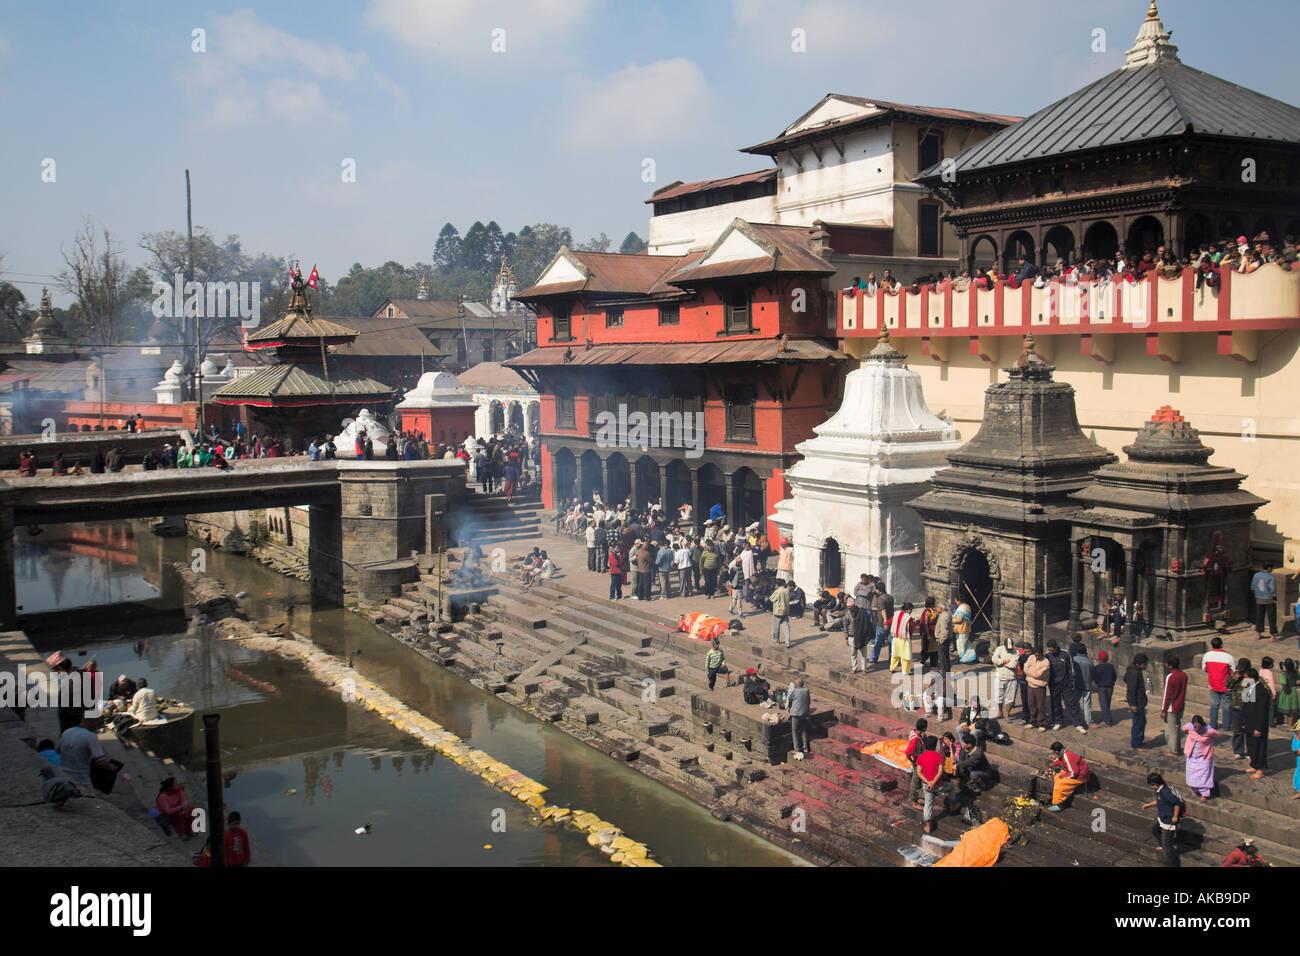 pashupatinath temple free - photo #40